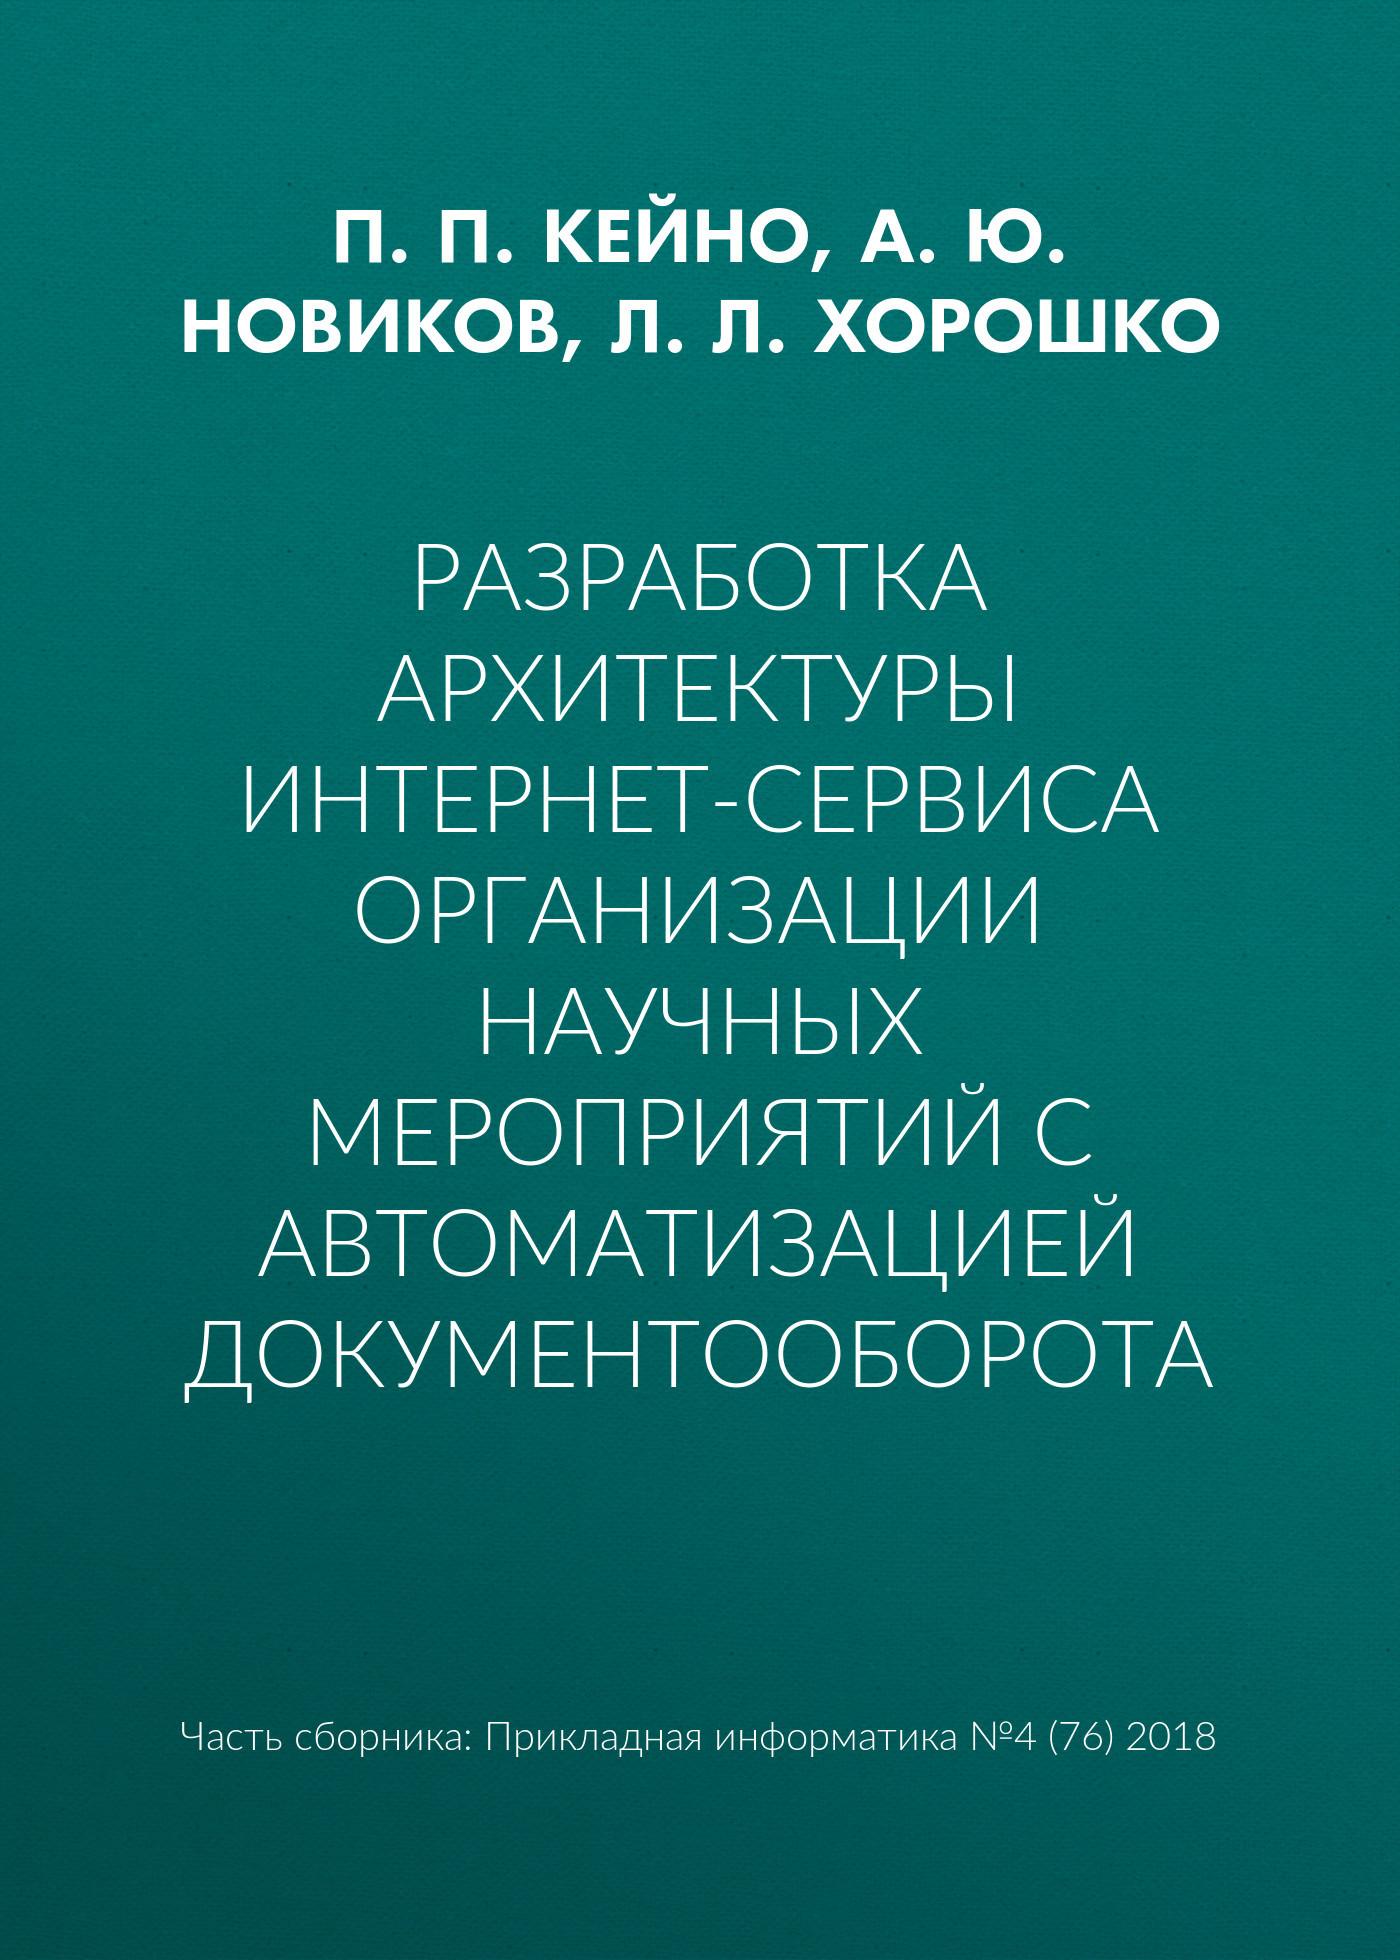 А. Ю. Новиков Разработка архитектуры интернет-сервиса организации научных мероприятий с автоматизацией документооборота